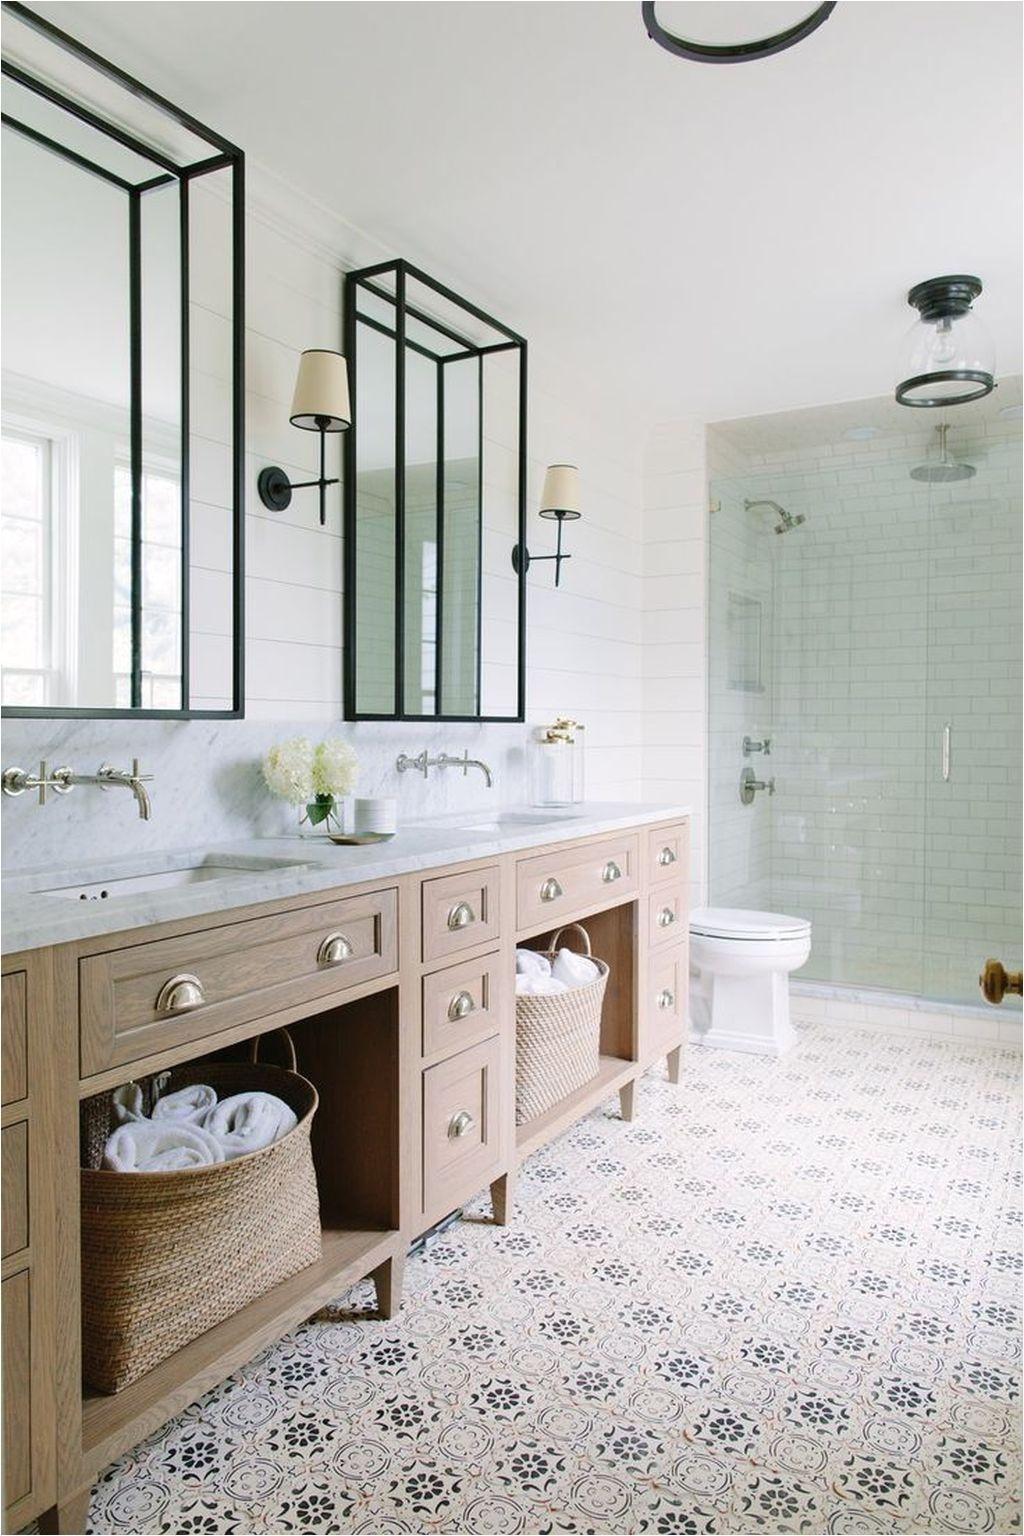 Old World Bathroom Design Ideas 2 54 Unique attic Bathroom Design Ideas for Your Private Haven